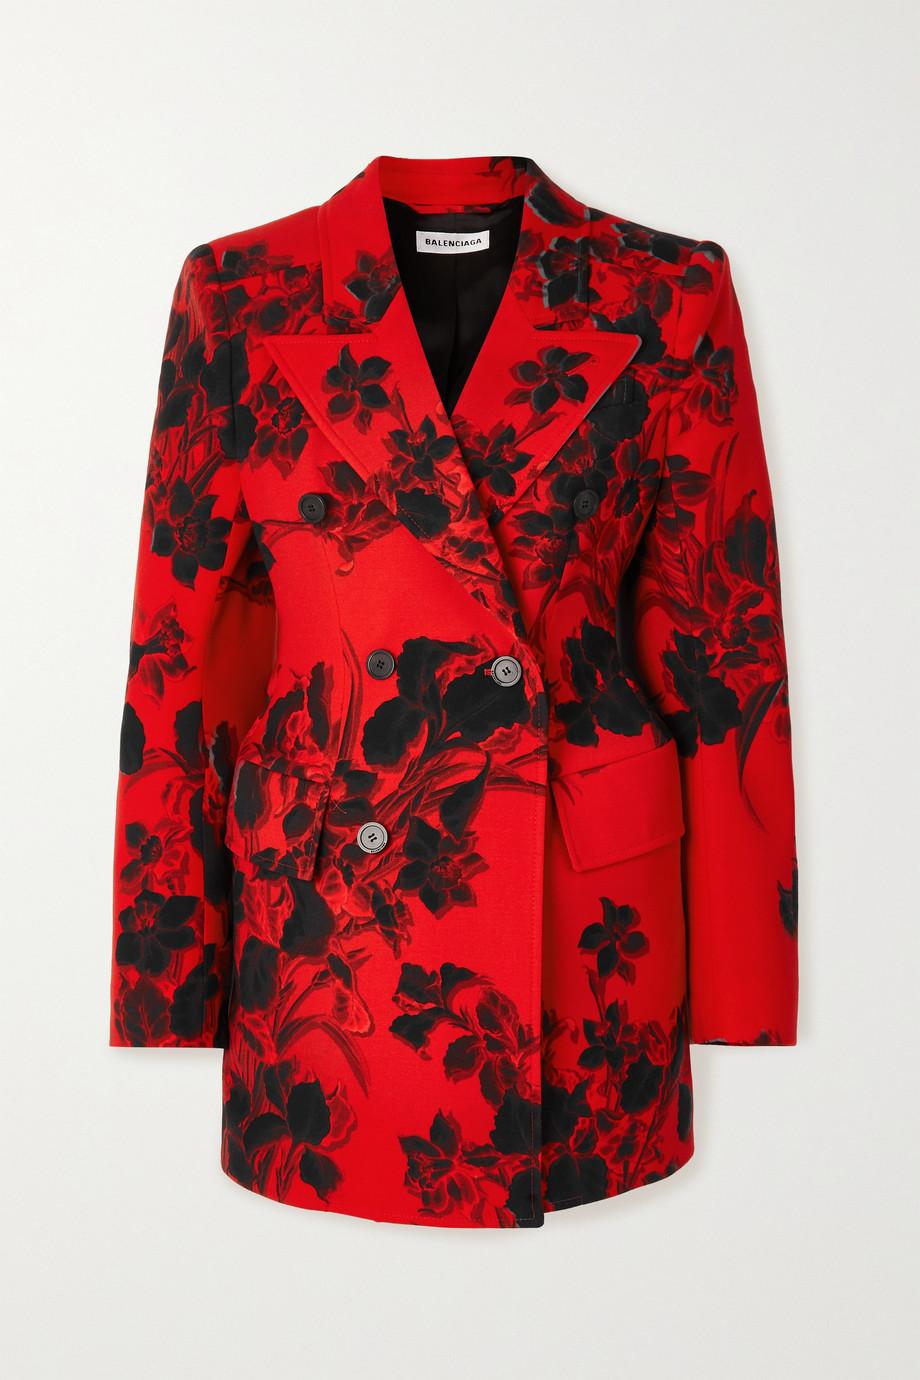 Balenciaga Hourglass 花卉印花羊毛绉纱西装外套